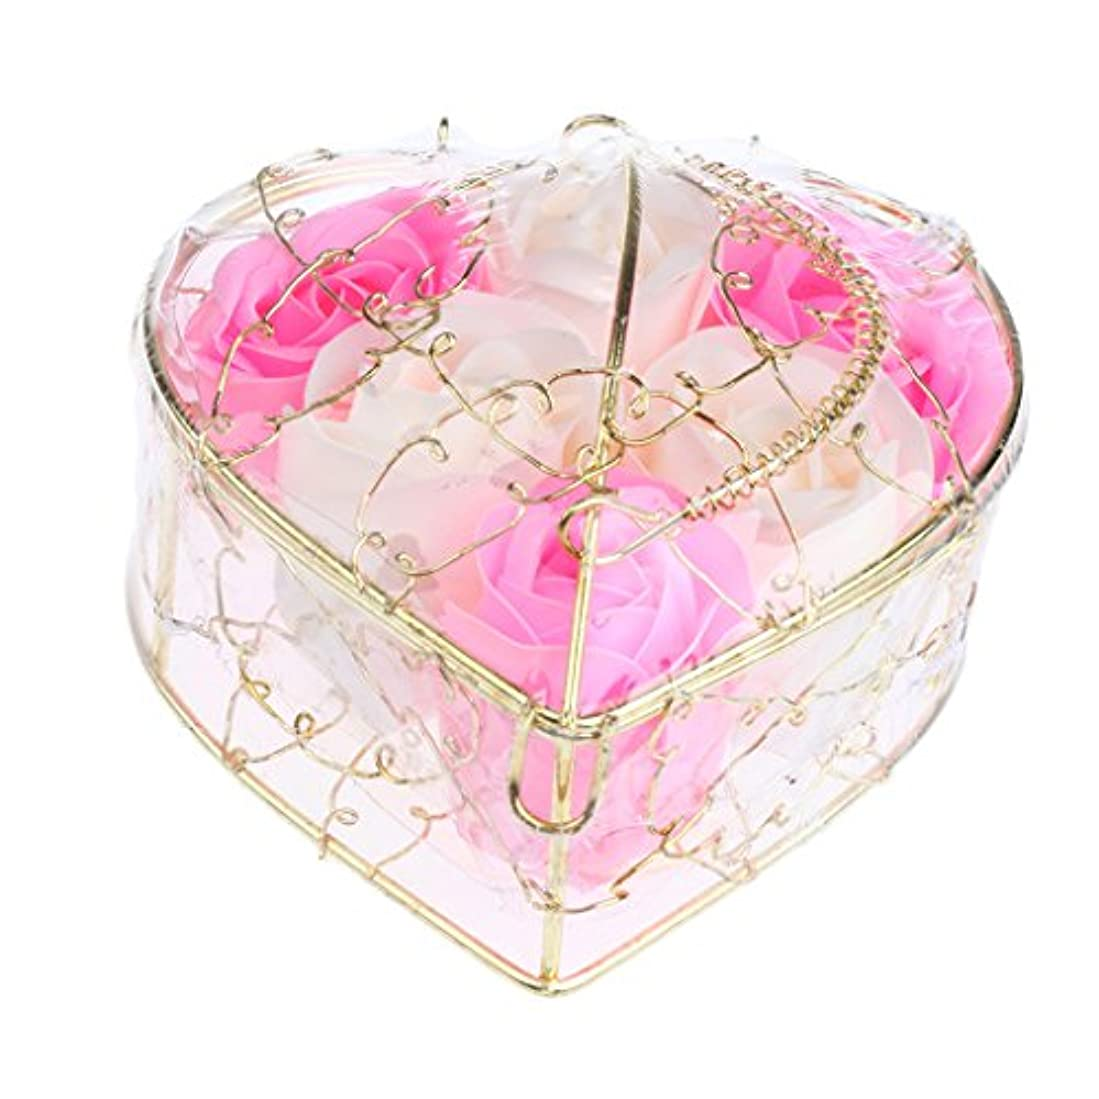 バランスのとれた持続する小川IPOTCH 6個 ソープフラワー 石鹸花 造花 バラ フラワー ギフトボックス 誕生日 母の日 記念日 先生の日 プレゼント 全5仕様選べる - ピンクとホワイト